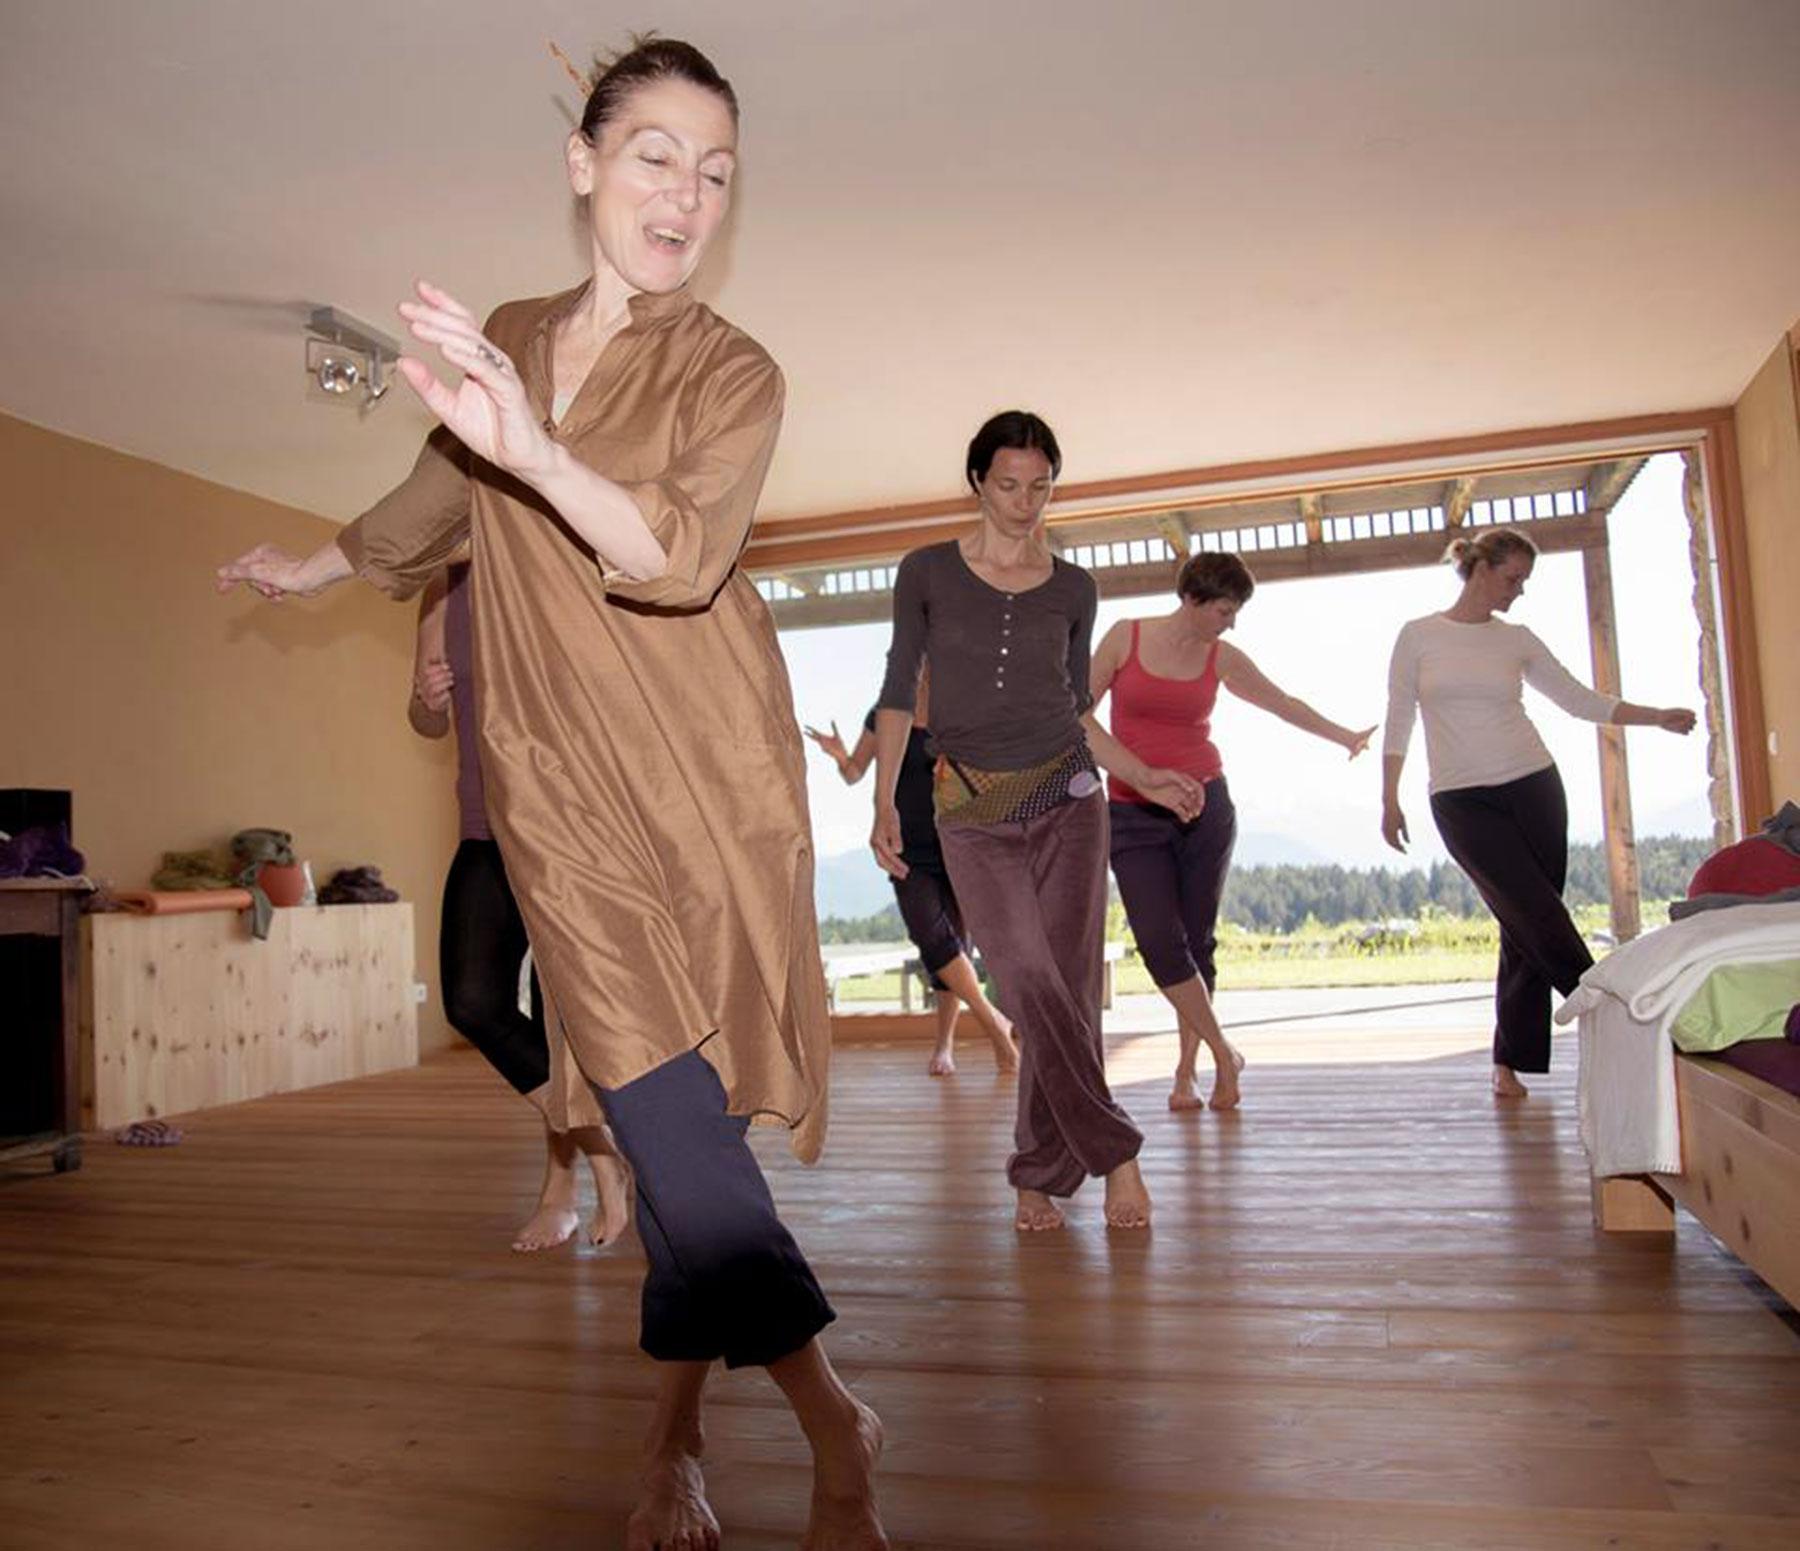 Corso Yoga Danza Firemnze